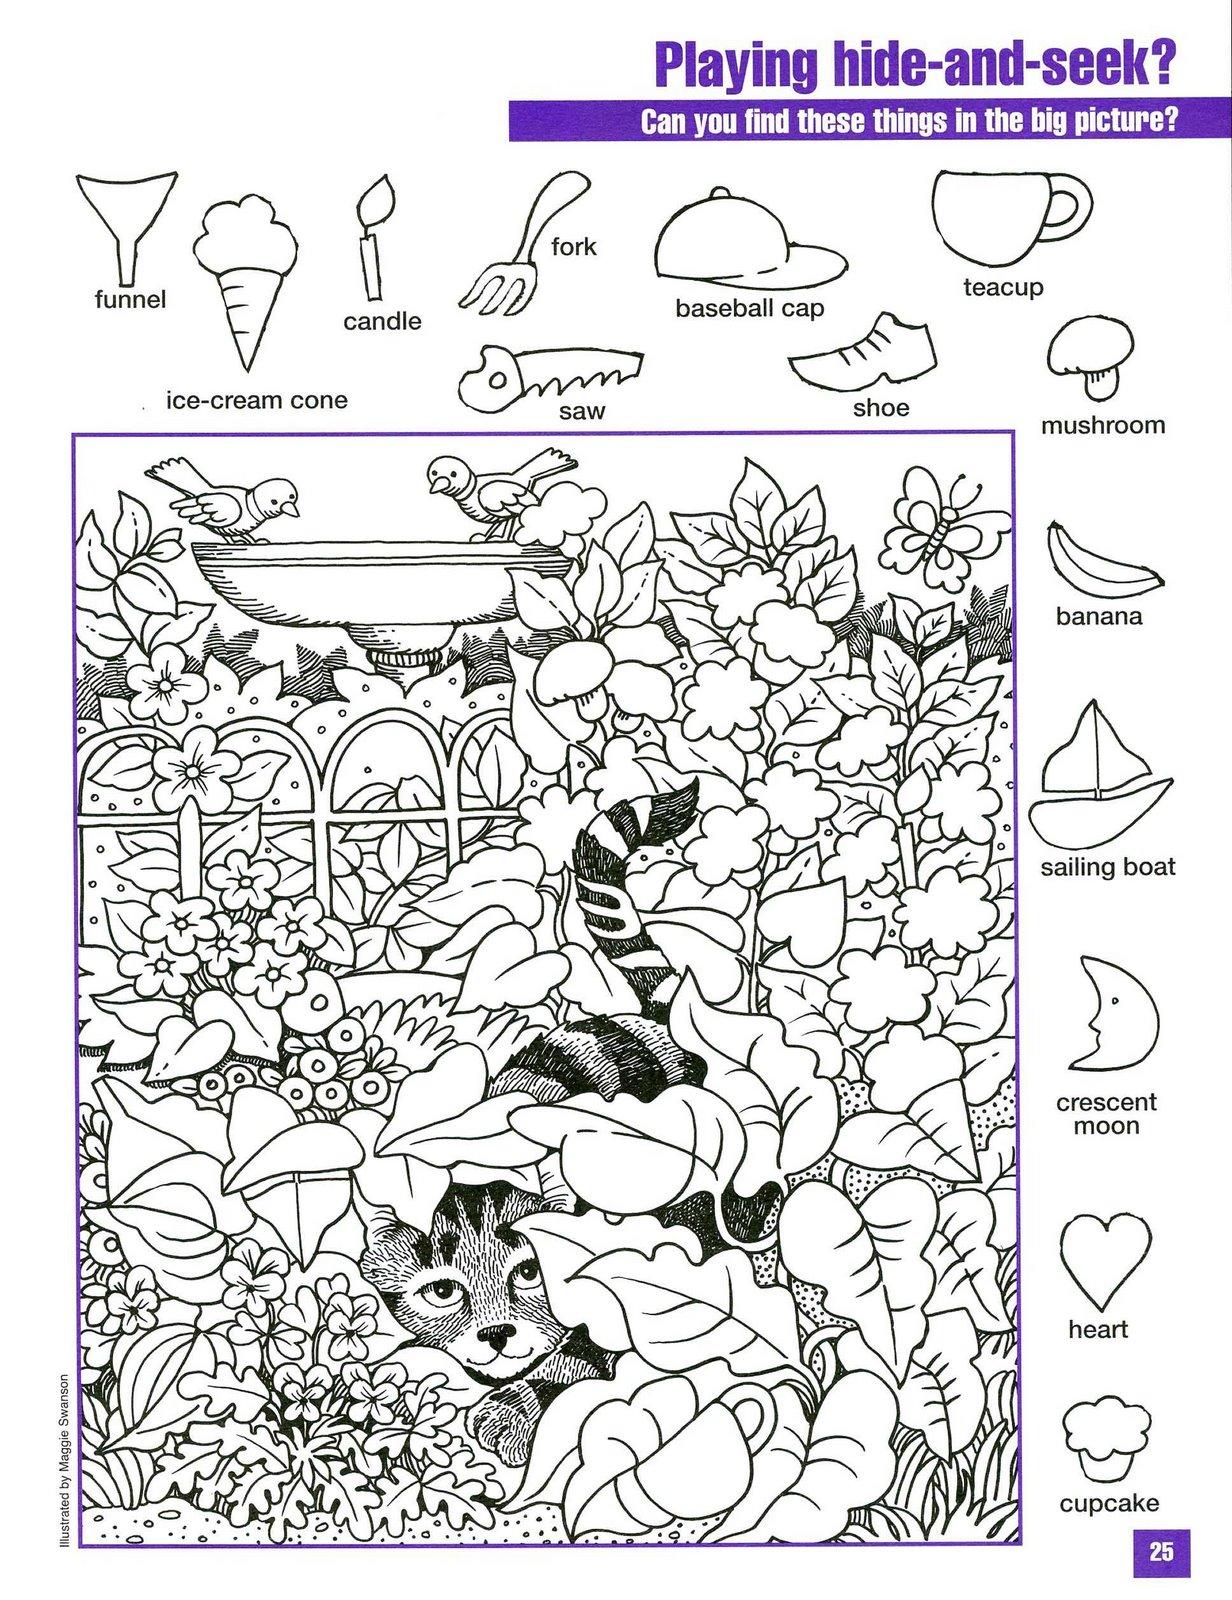 Objetos Escondidos Buscar Dibujos Ocultos Wwwimagenesmycom